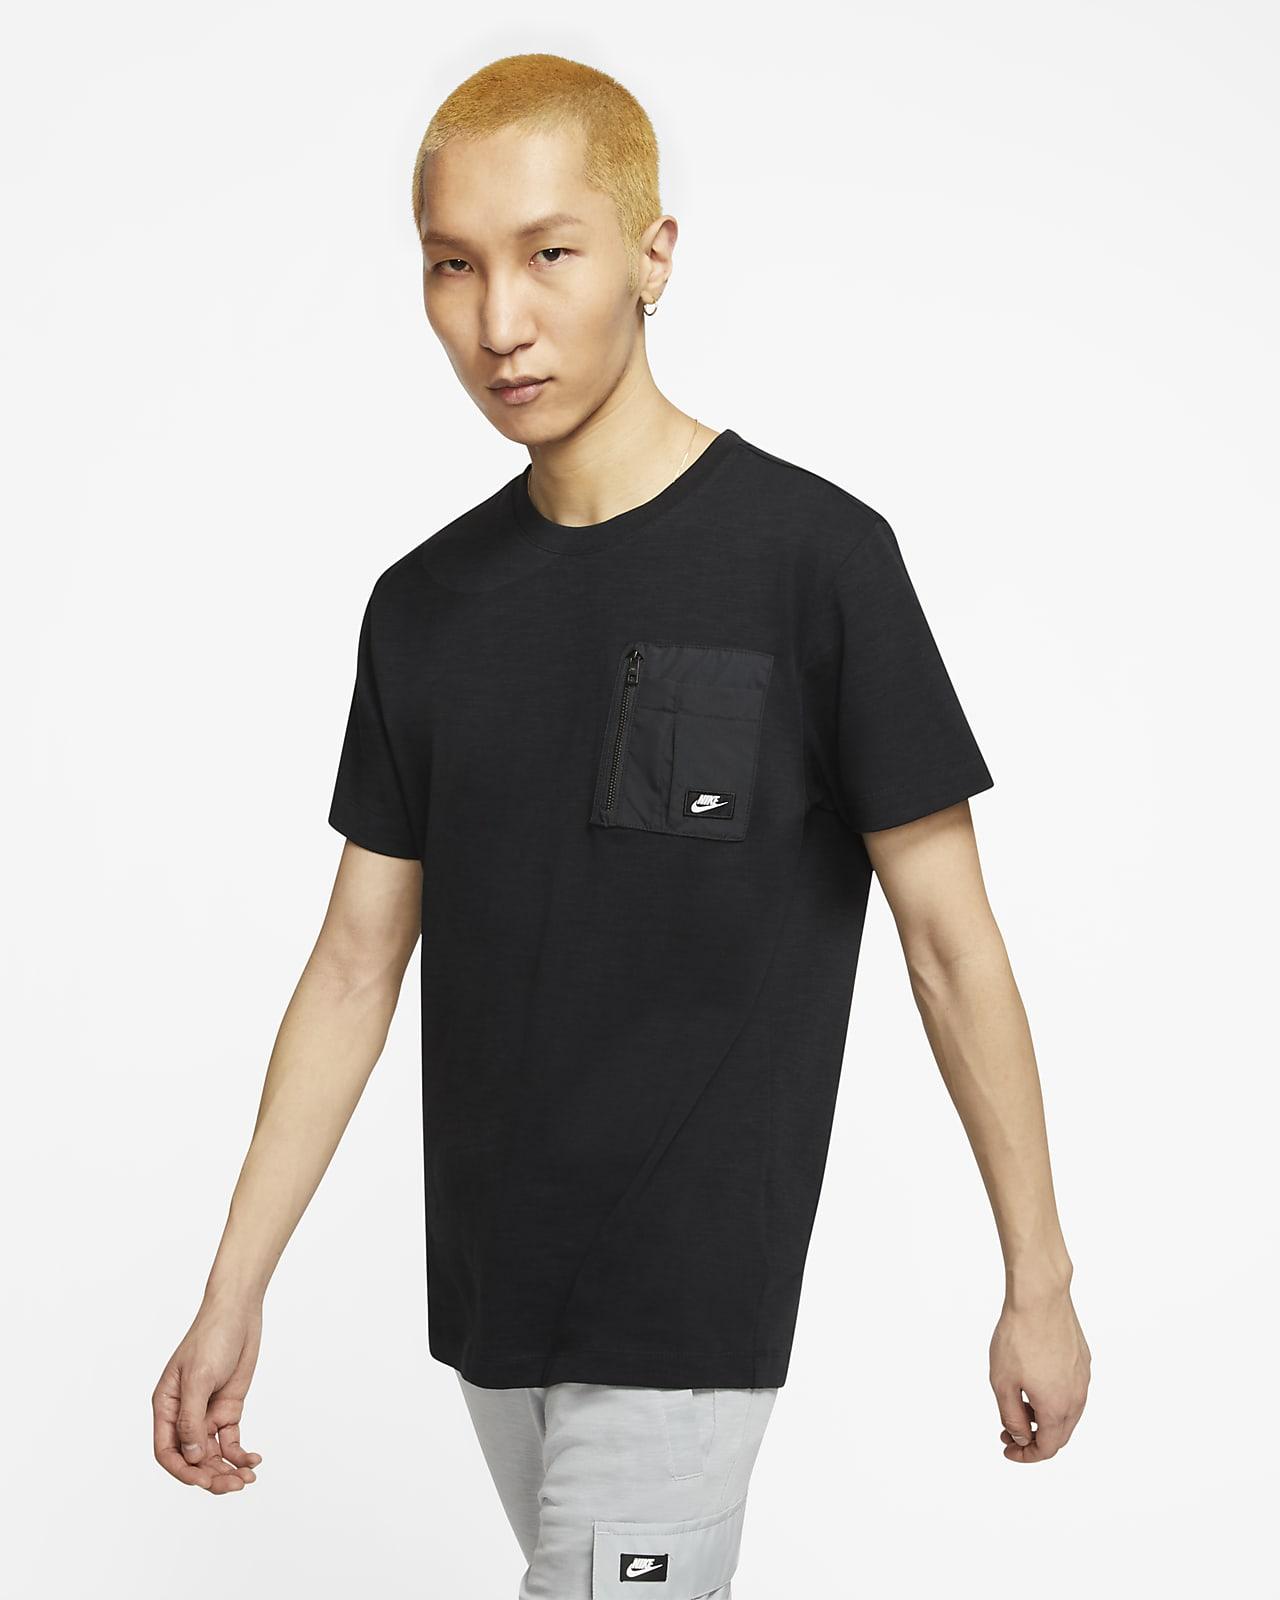 Nike Sportswear Men's Short-Sleeve Top